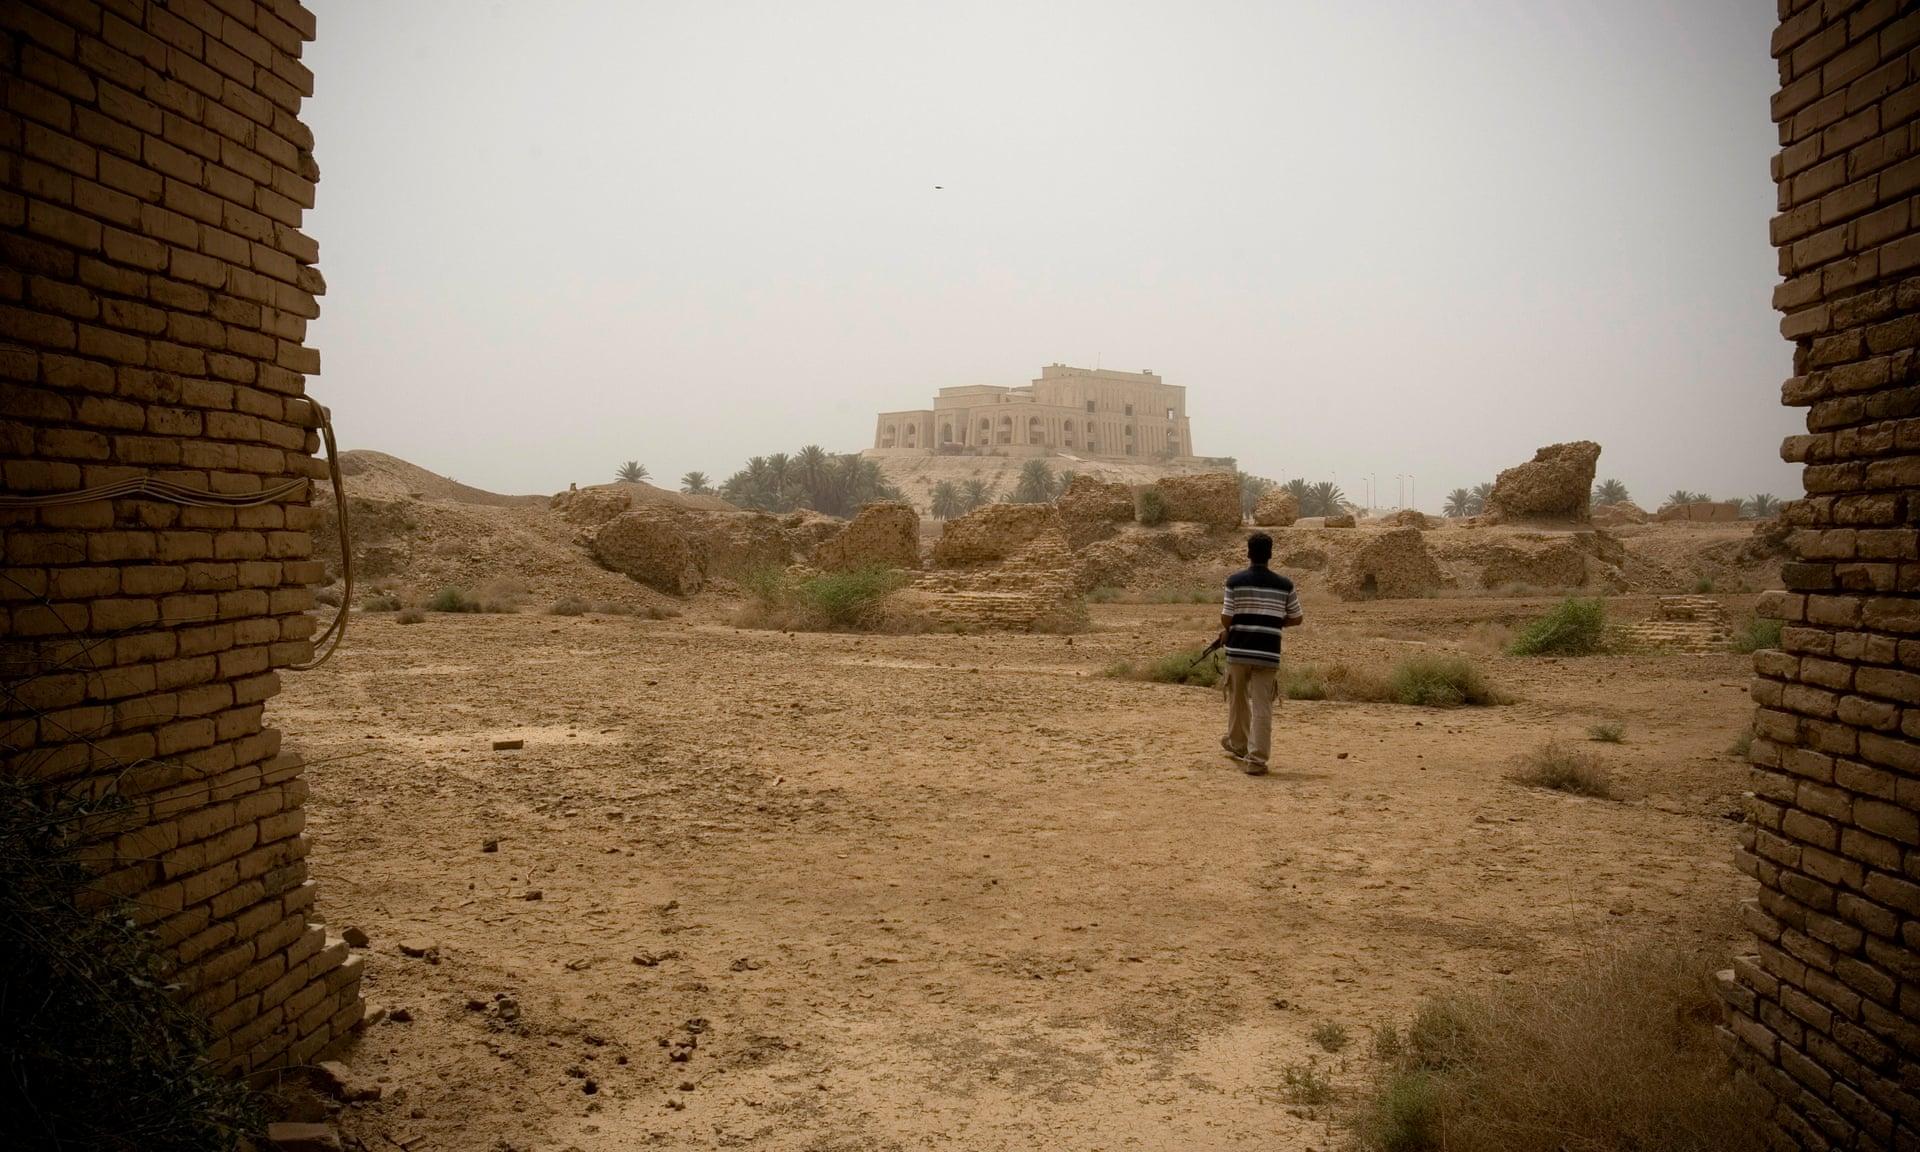 تم إعادة تشييد مدينة بابل التاريخية في عهد الرئيس العراقي الأسبق صدام حسين